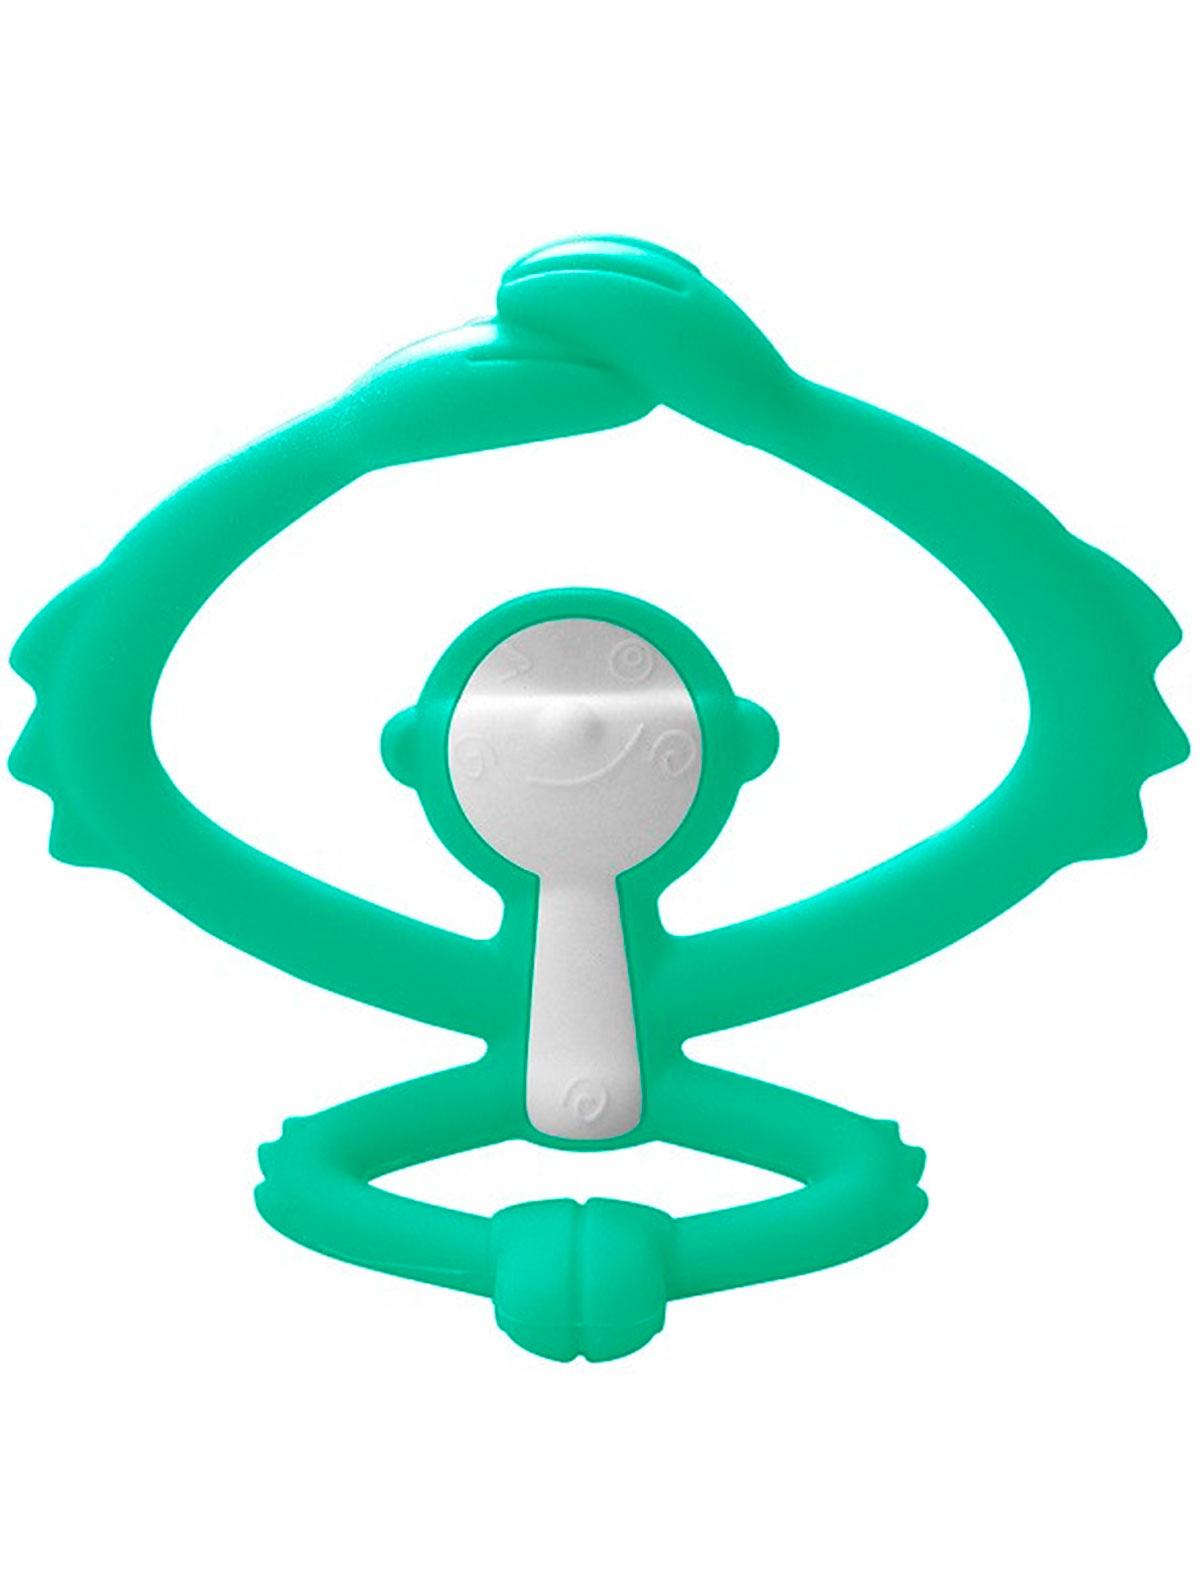 2217979, Прорезыватель для зубов Mombella, зеленый, 5644520070249  - купить со скидкой